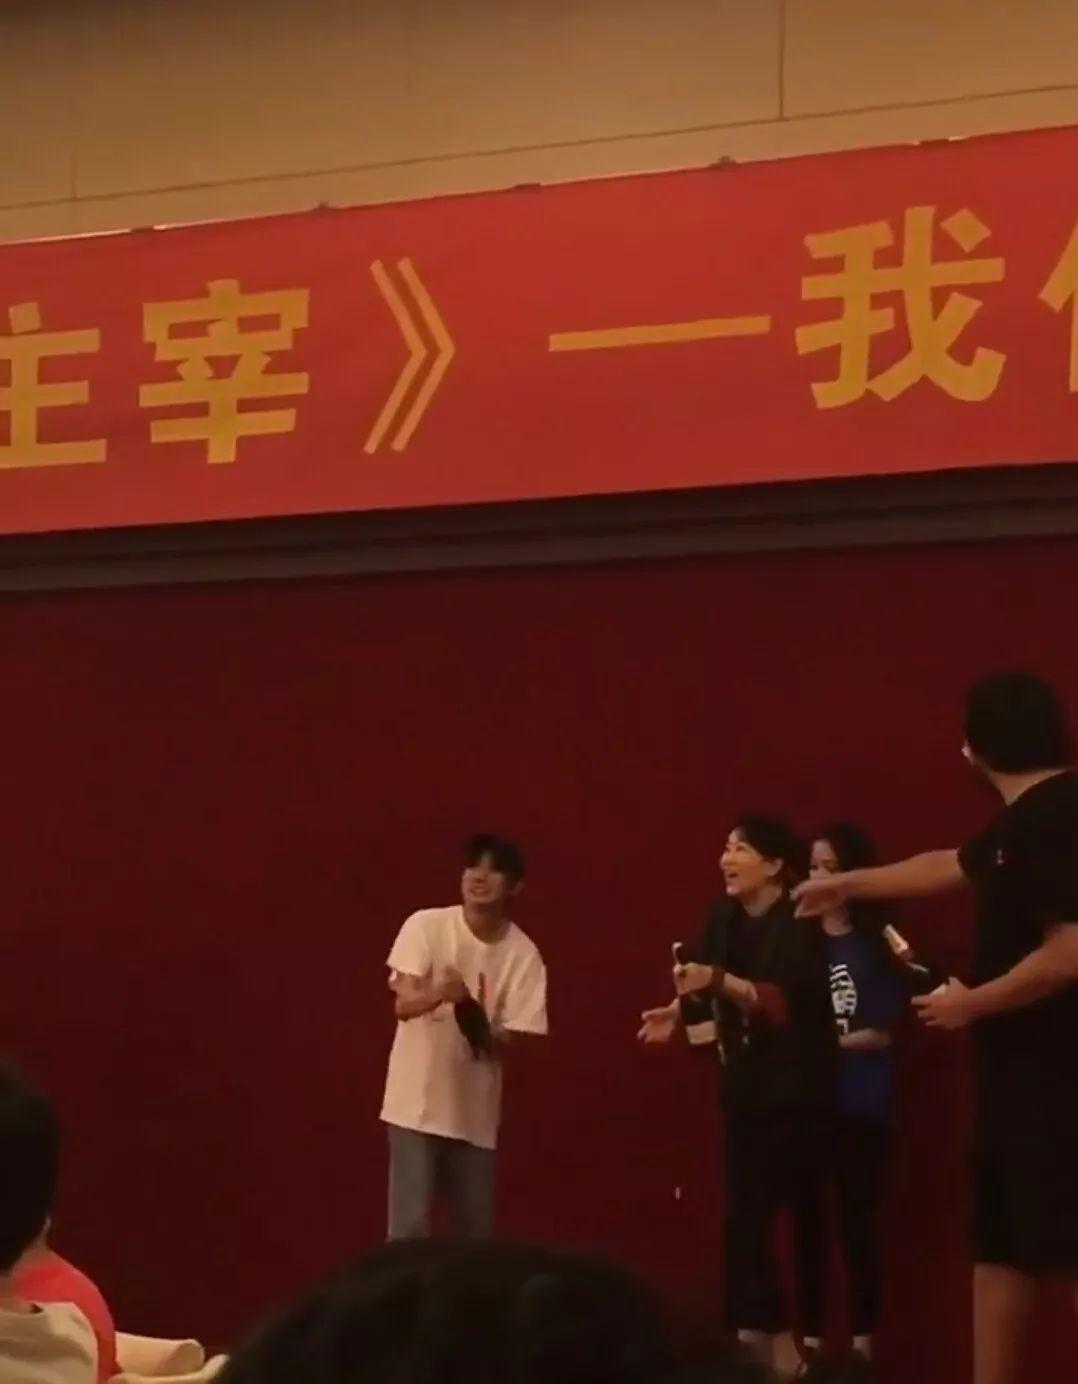 王源成年后喝酒的手法和未成年时区别很大粉丝:更加娴熟了_七星